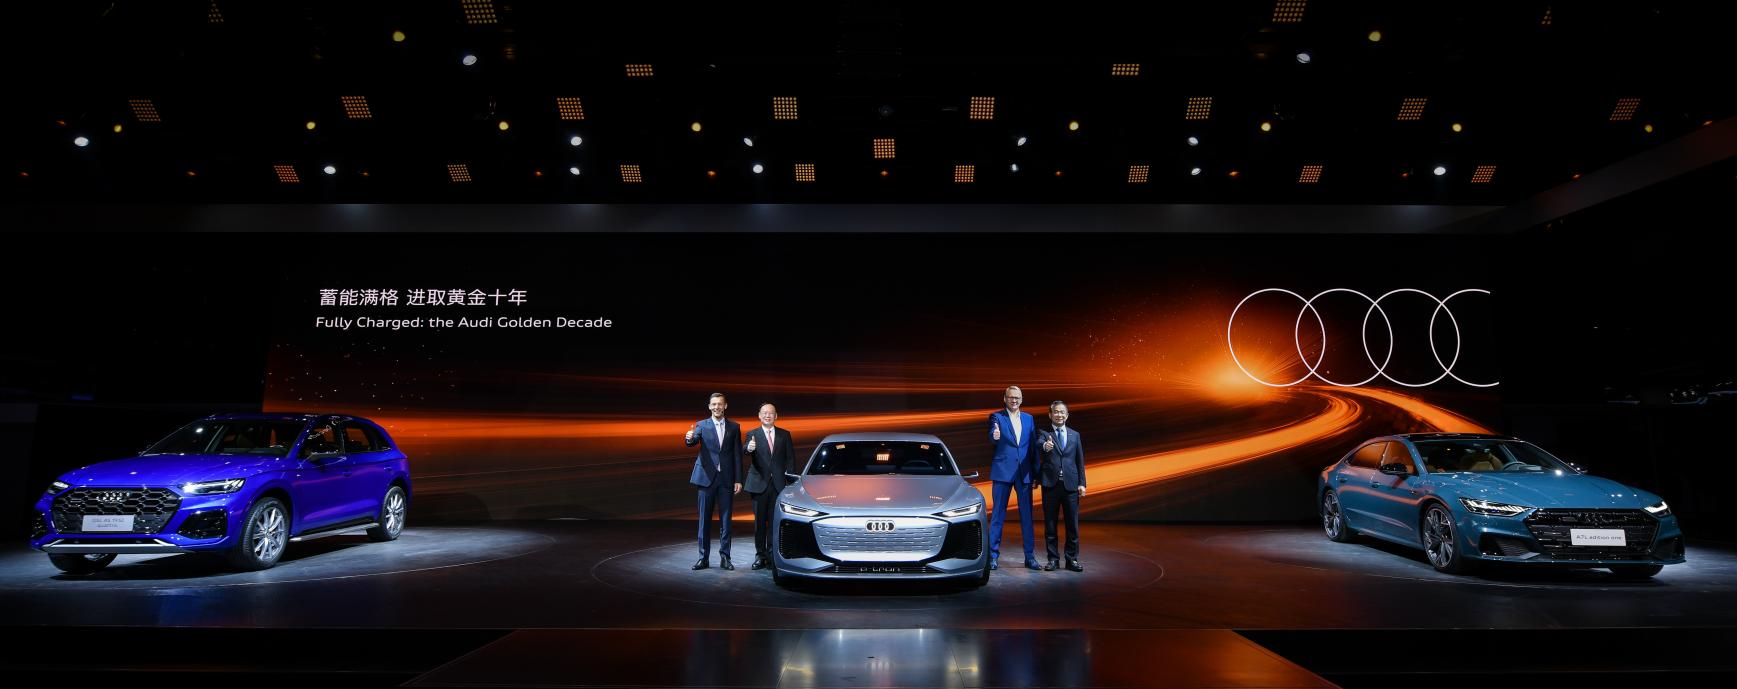 奥迪亮相上海:4款新车全球首发 PPE技术亮相 -海博APP